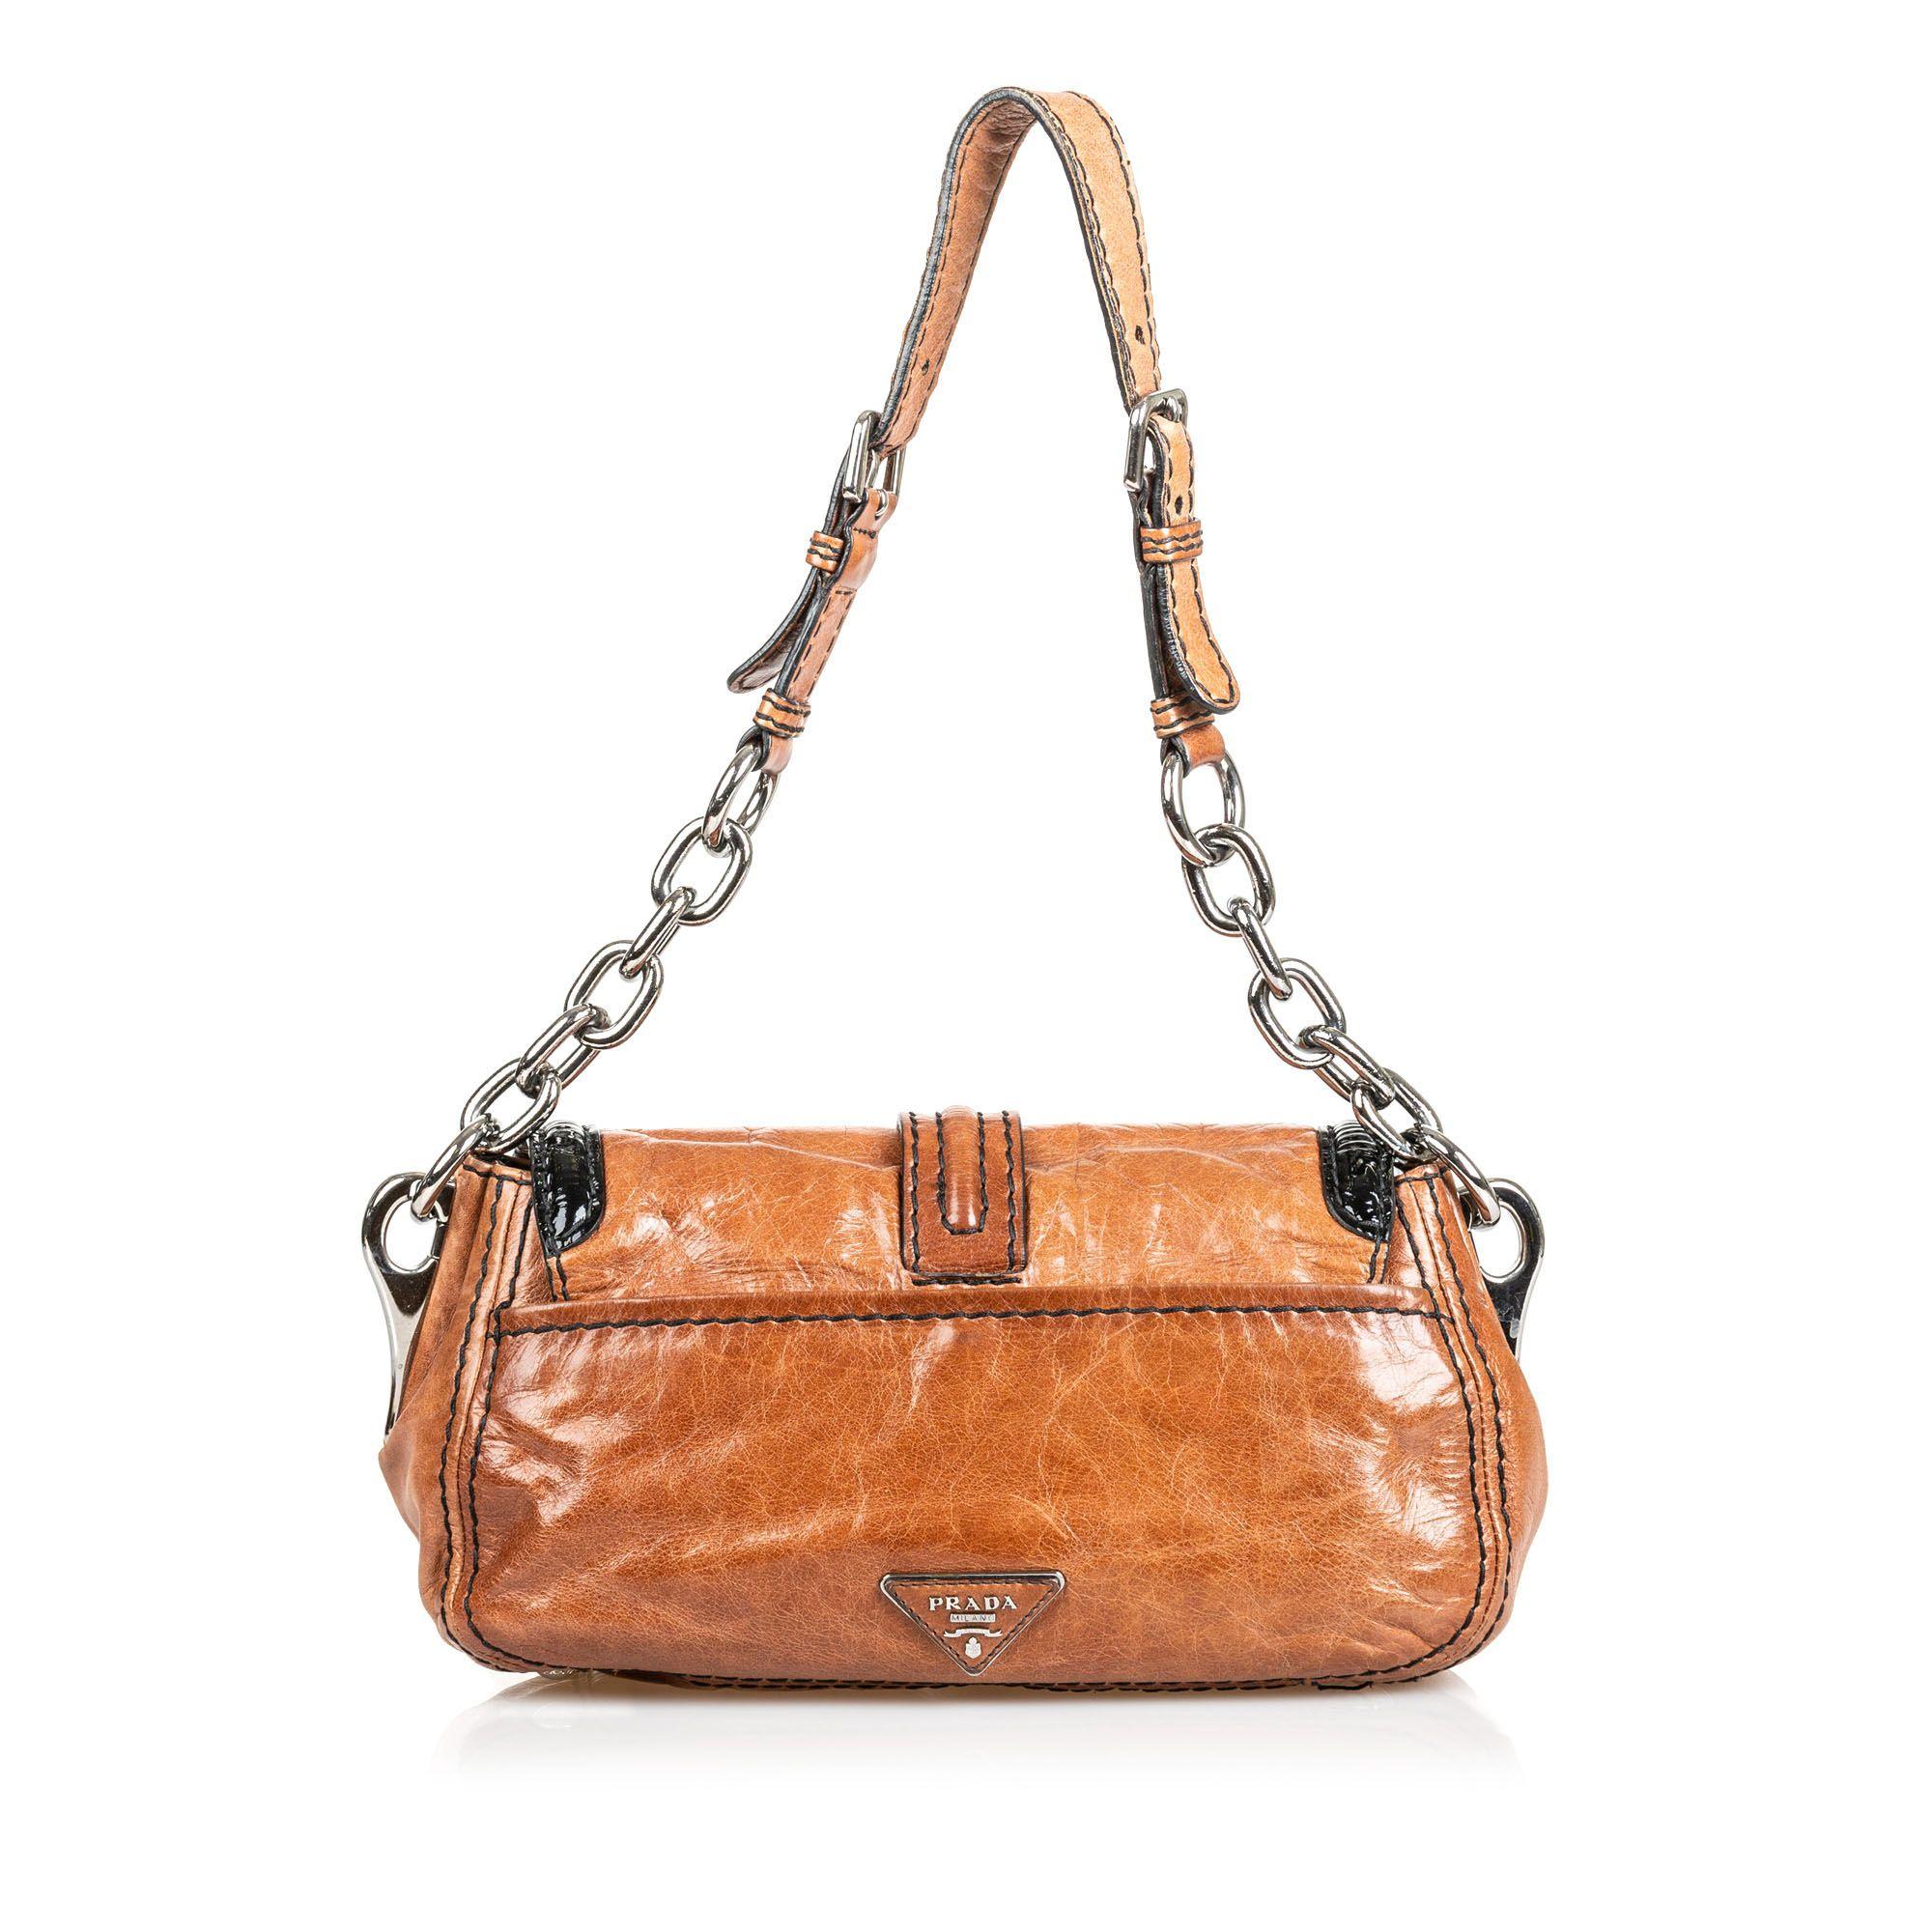 Vintage Prada Leather Shoulder Bag Brown